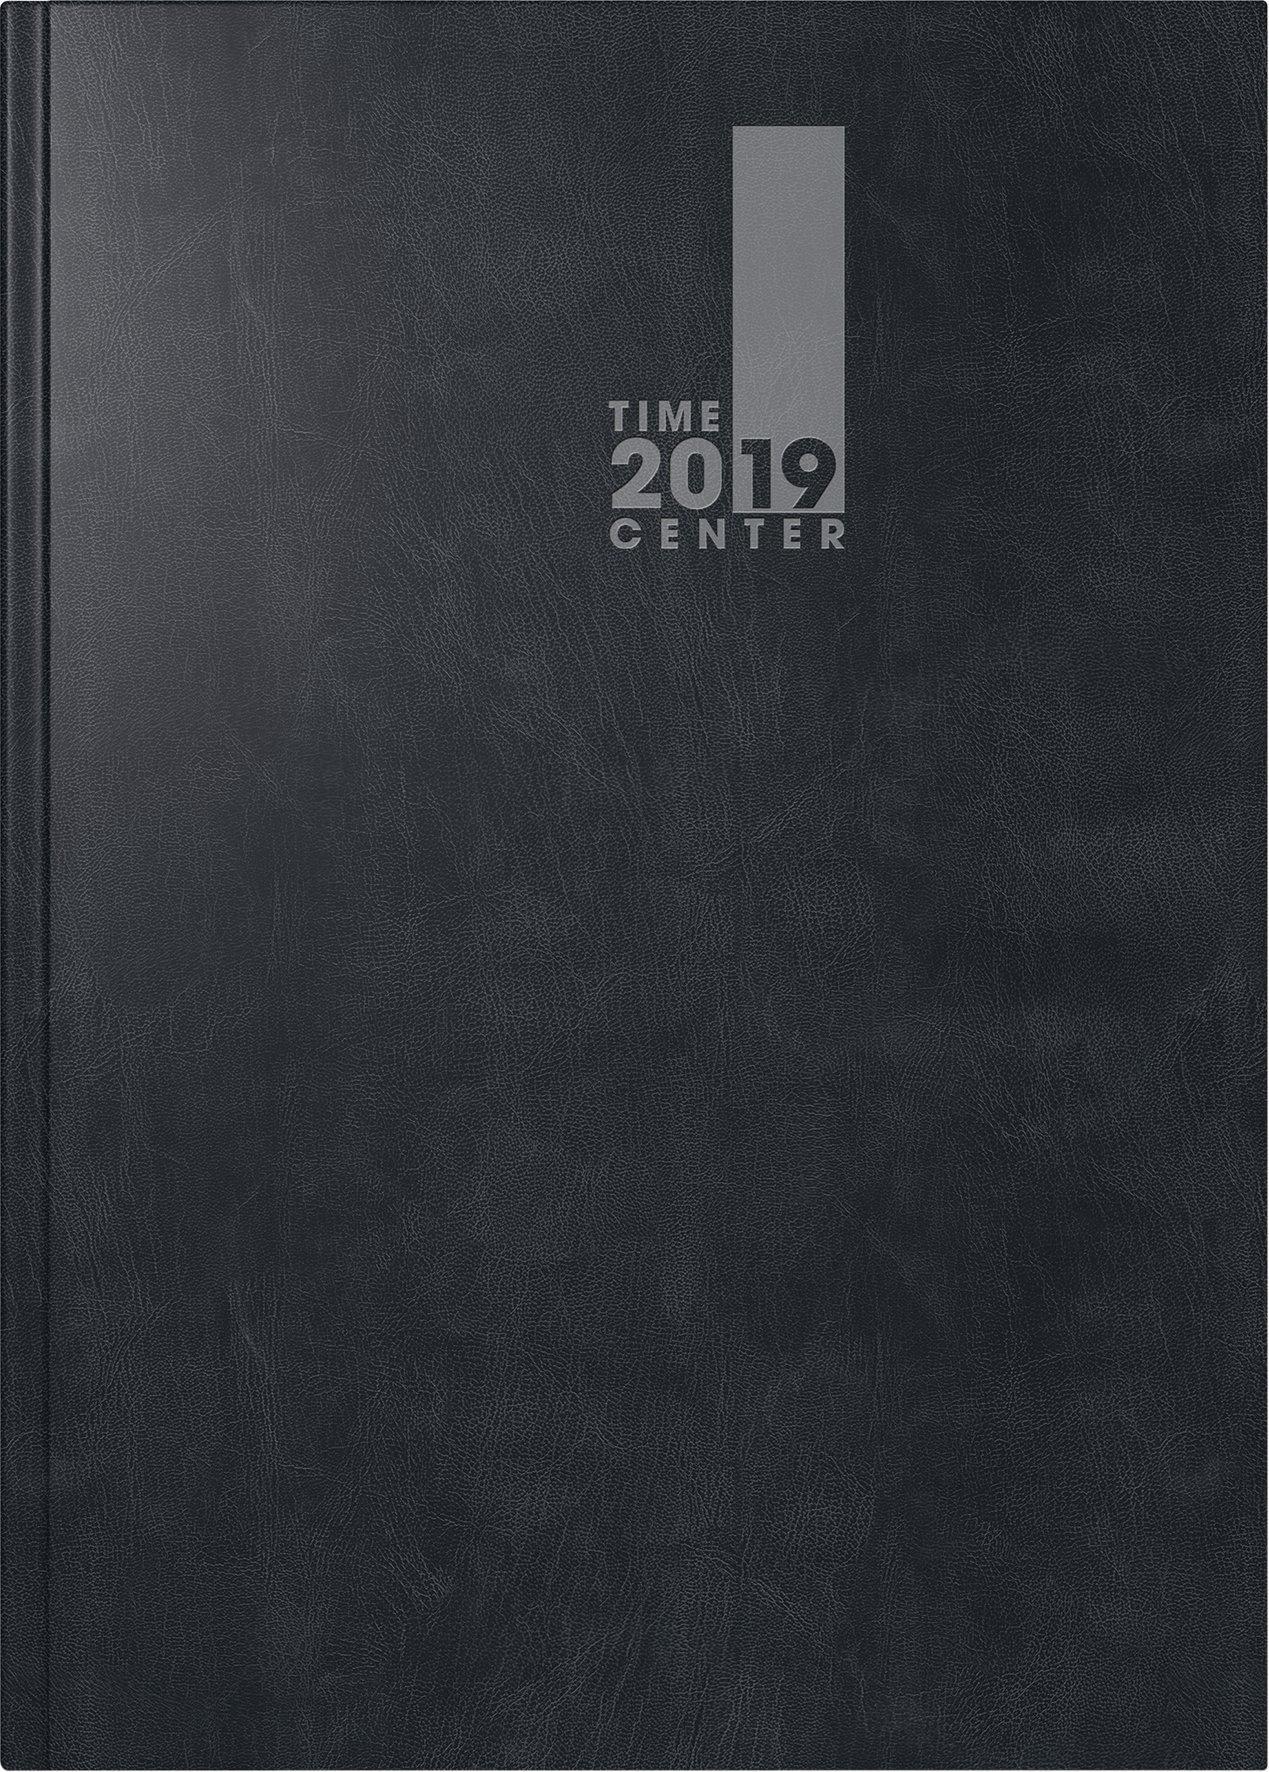 Brunnen 10729 2019 Buchkalender TimeCenter 2 Seiten = 1 Woche 148 X 210 Mm Baladek Einband Schwarz Kalendarium 2019 Kalender Und Notizbuch In Einem